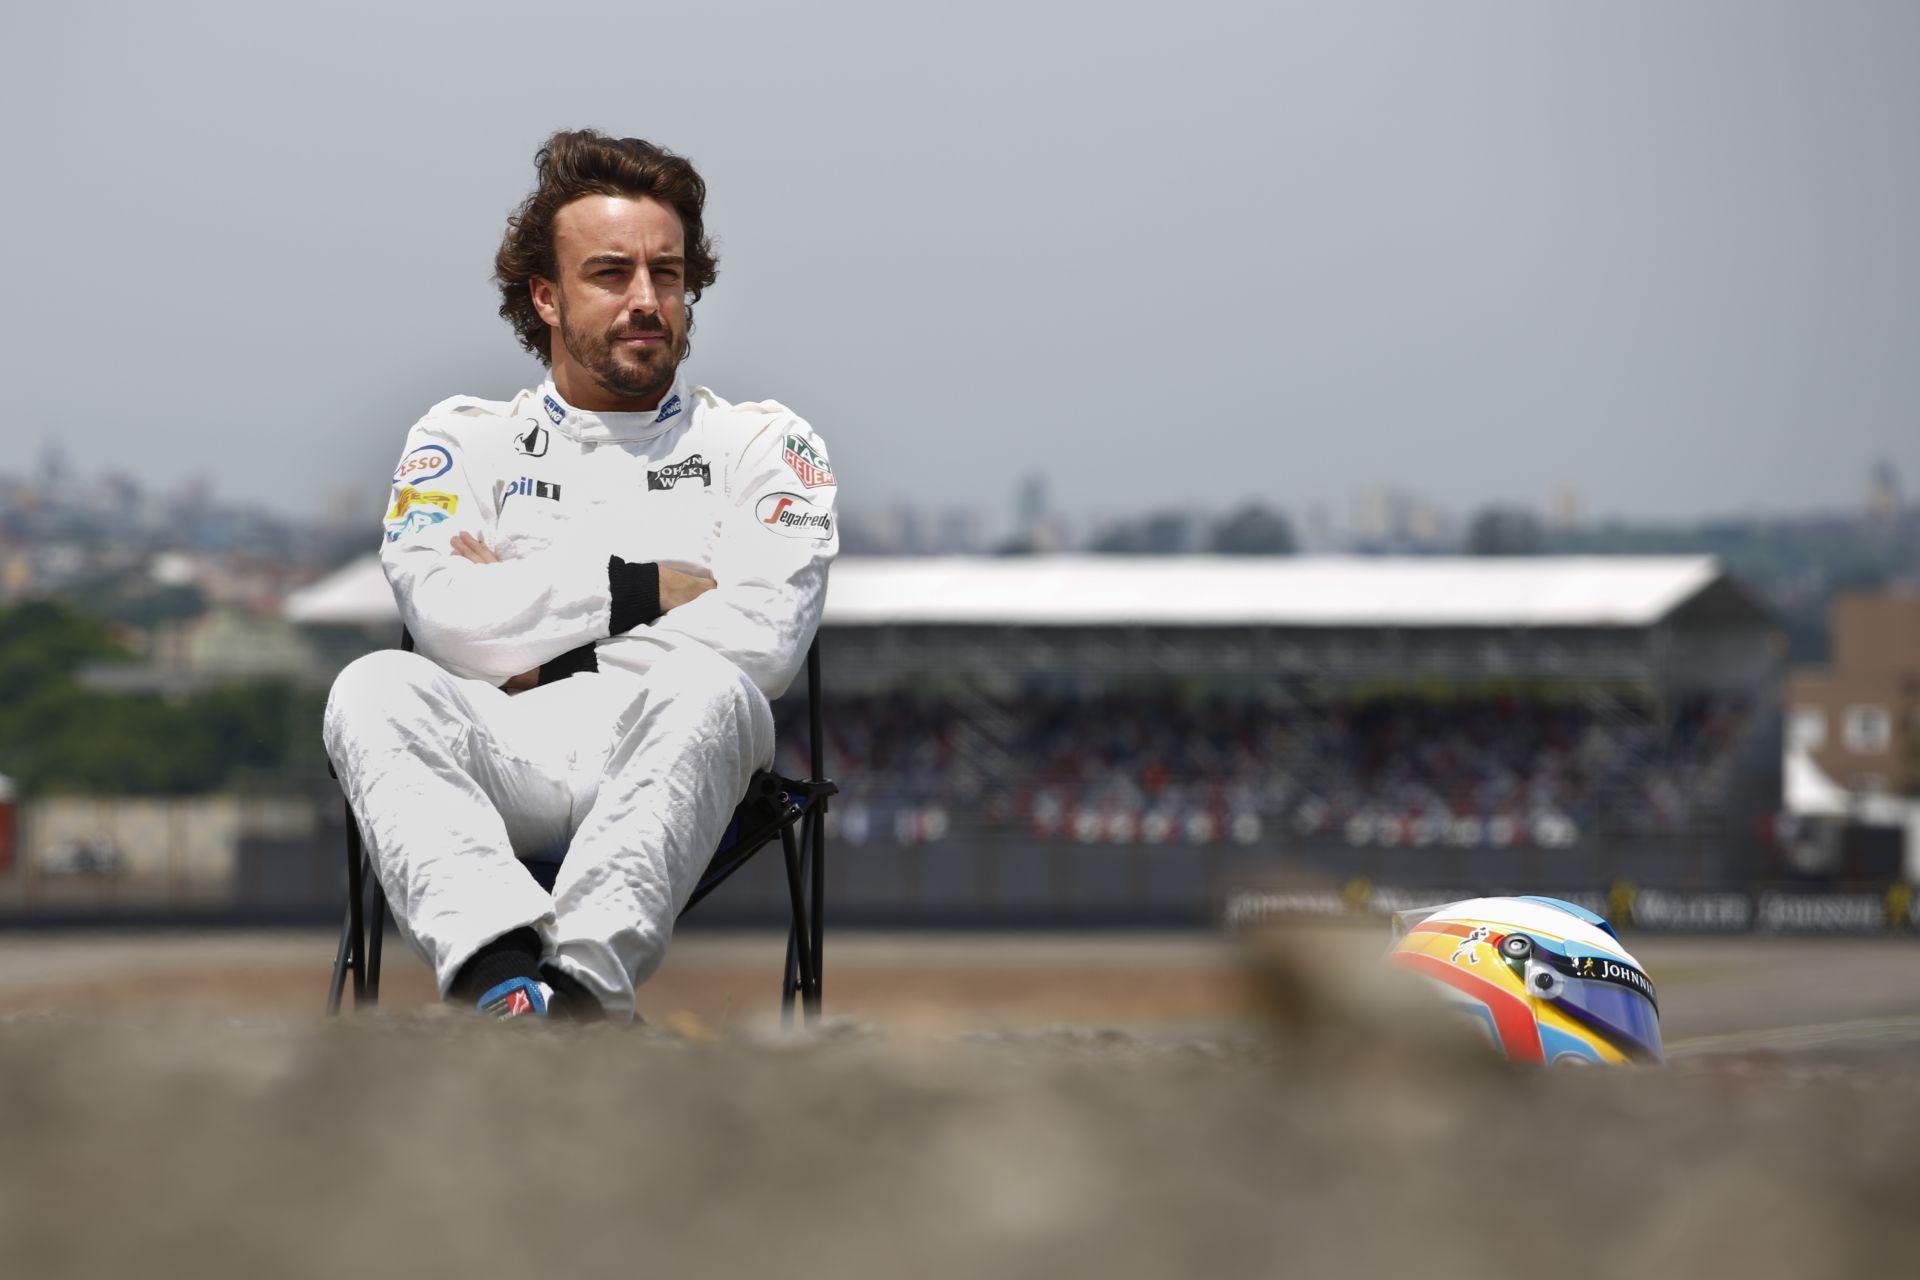 Stop-and-Go: Ha nincs Alonso, a Brazil Nagydíjat meg sem kellett volna rendezni! Szerencsére már nincs sok hátra...